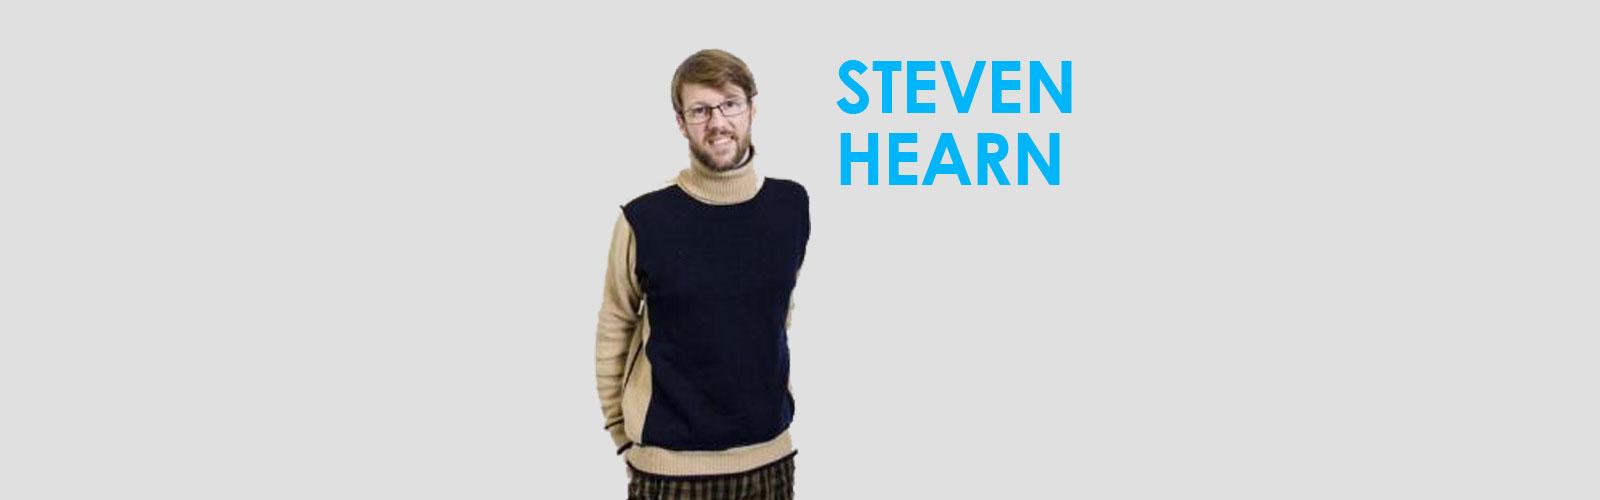 STEVEN-HEARN